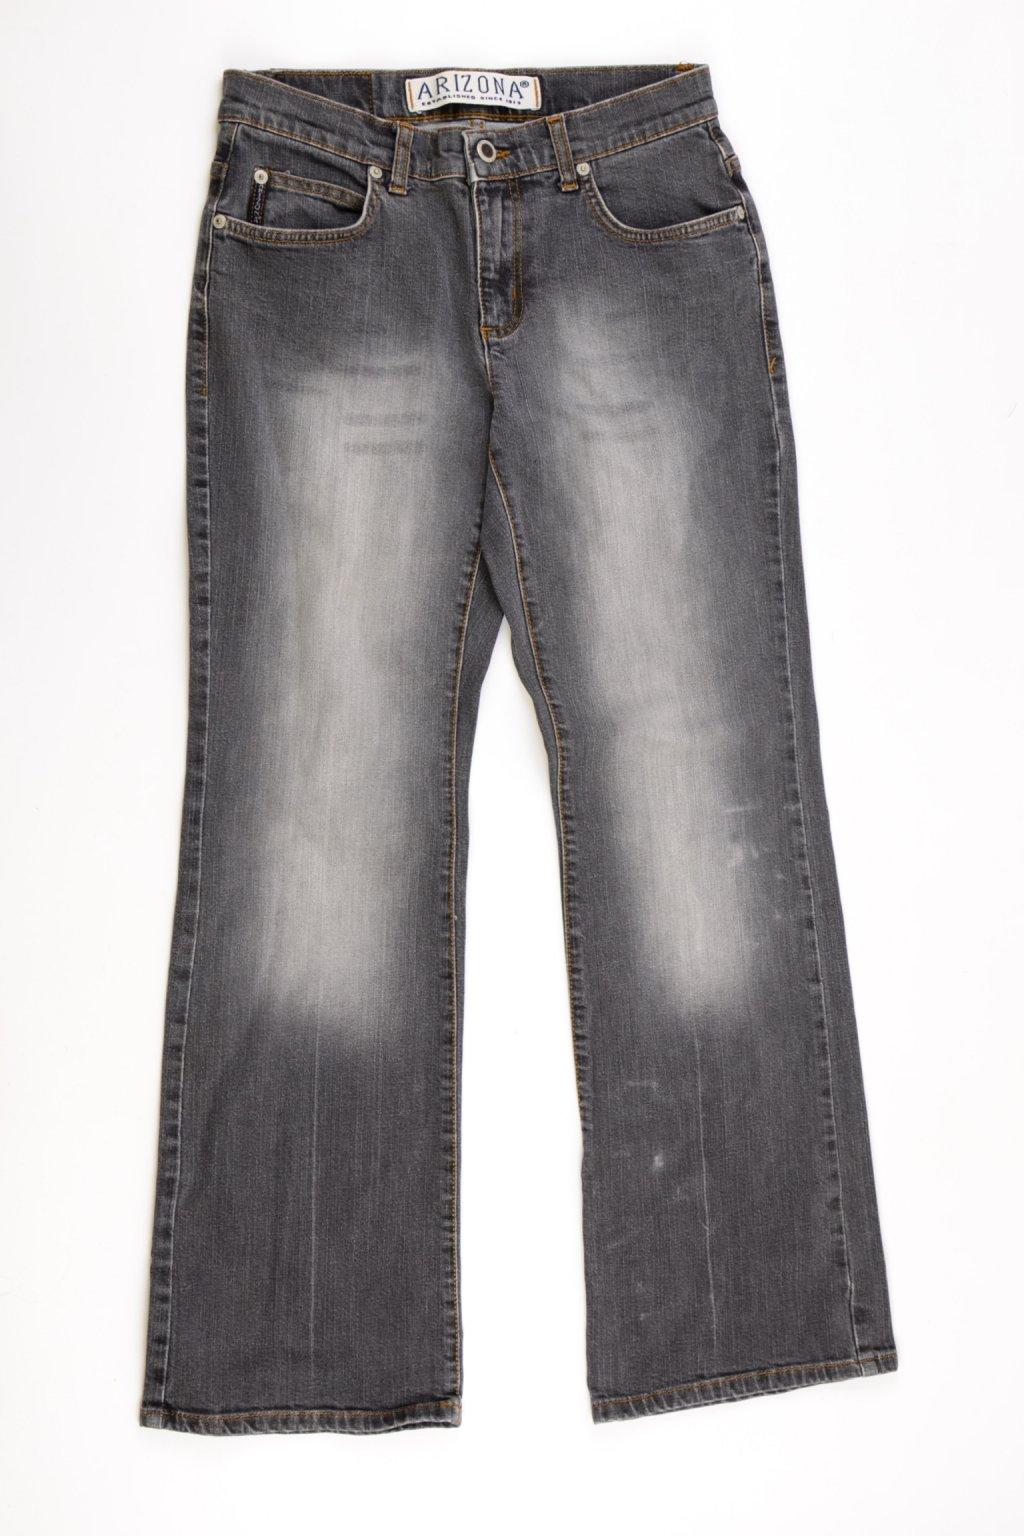 Kalhoty rifle Arizona Uk12/ eur 38 černé šisované